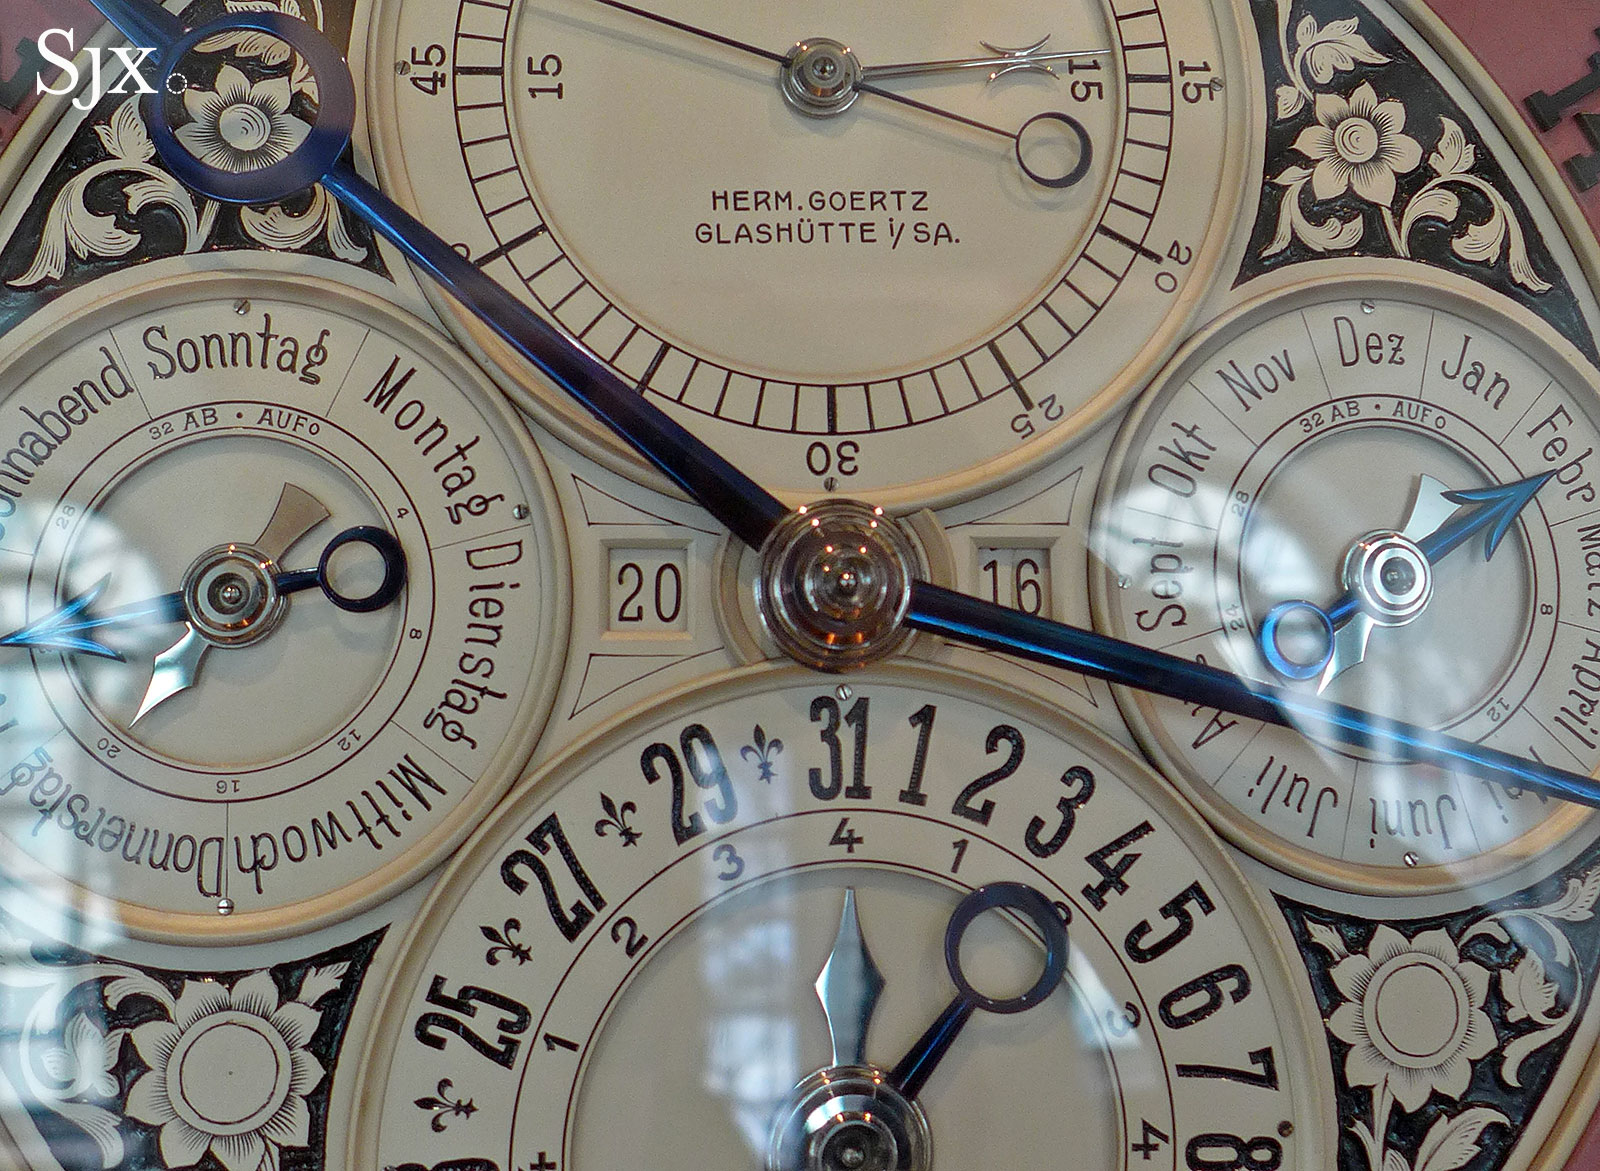 German Watch Museum visit 2016 12